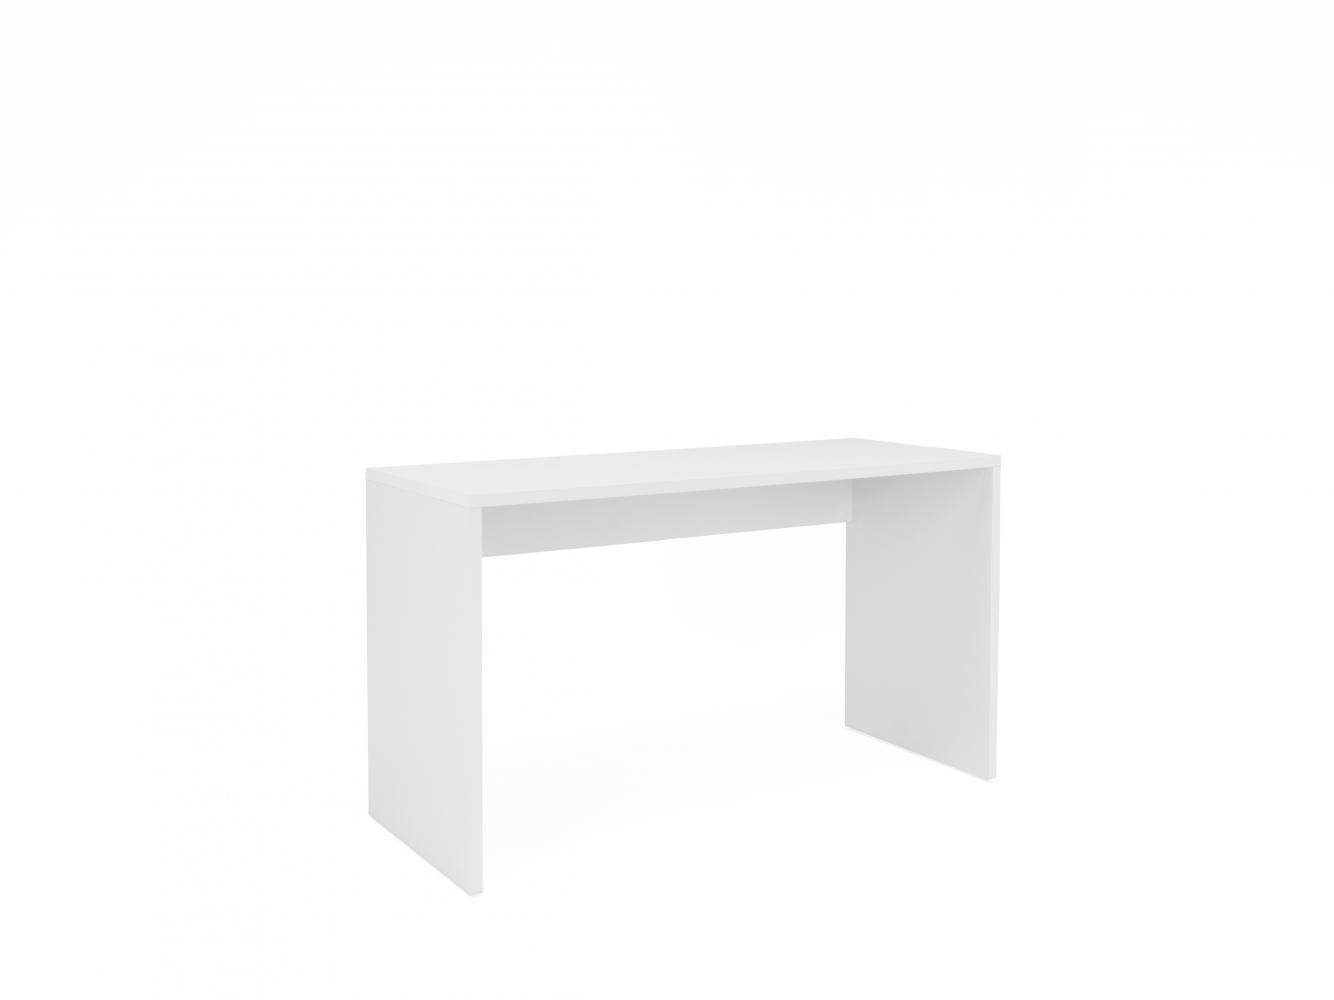 Pracovní stůl Ria, 130 cm, bílá